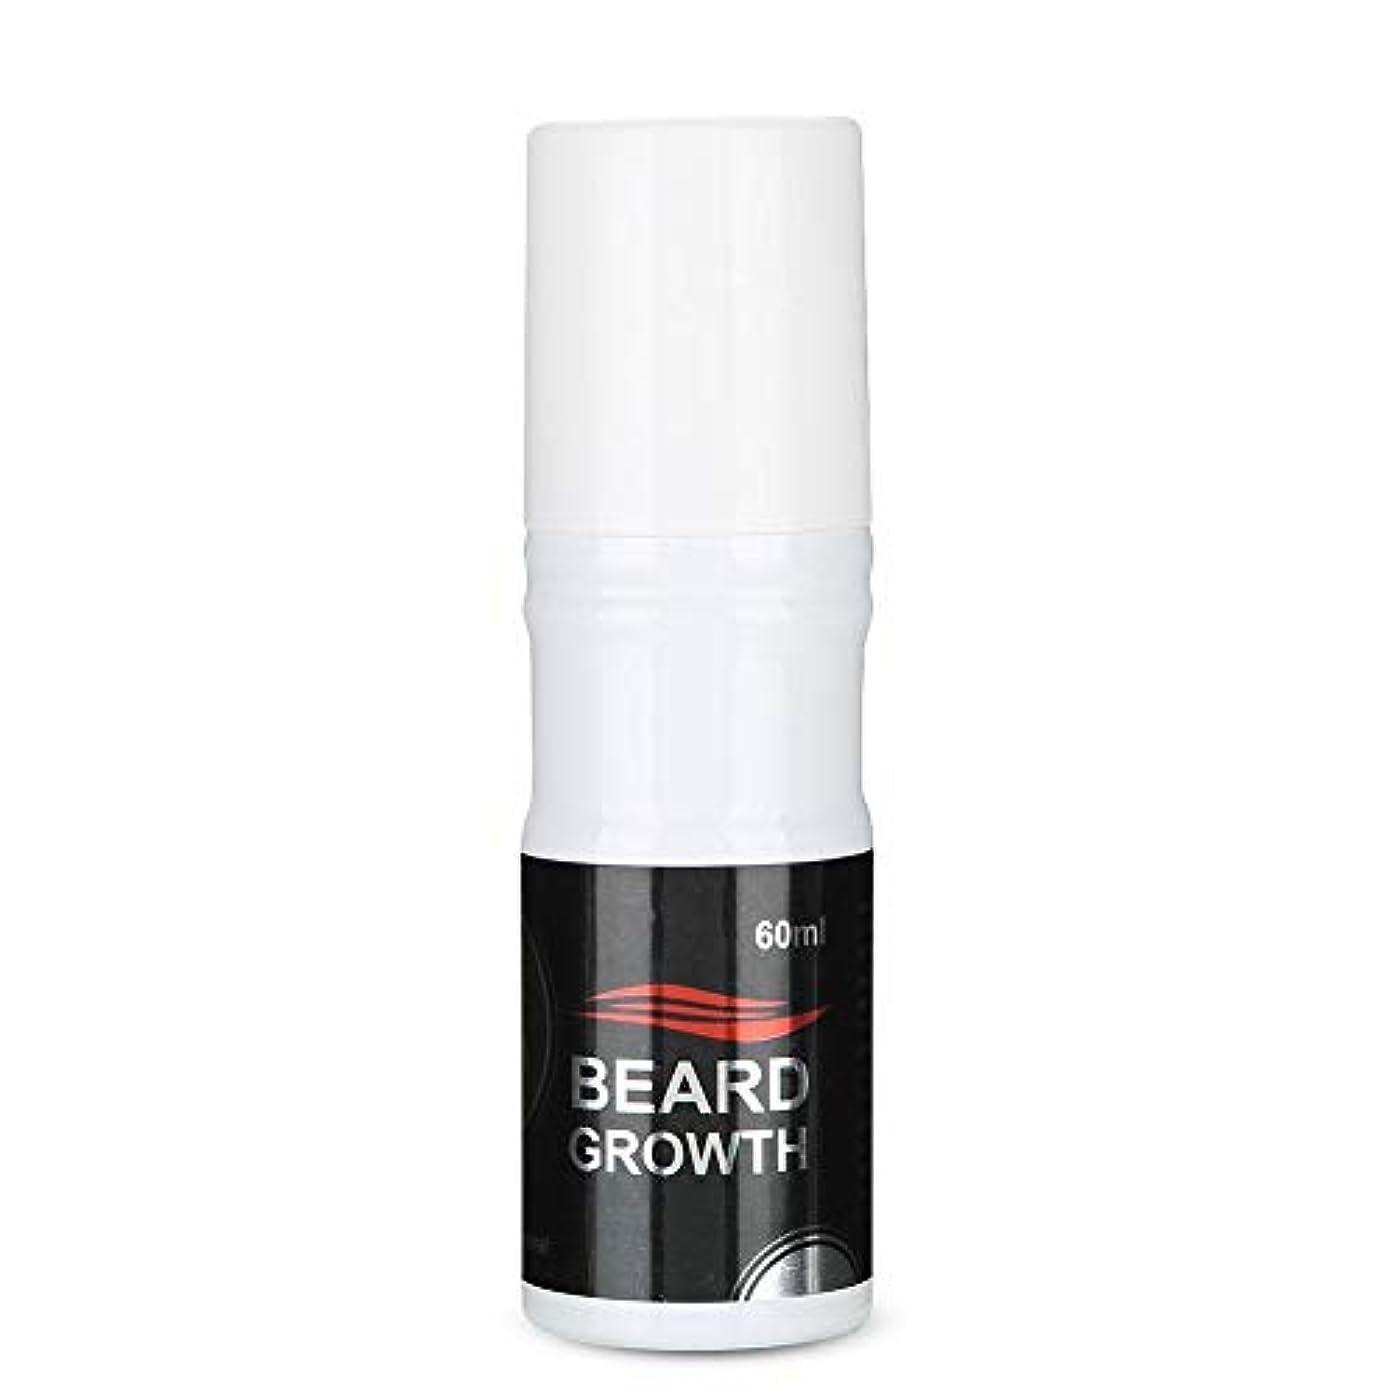 エンディング真鍮ファイバSemme 60ml男性のひげの成長のスプレー、より厚いのための自然で加速するひげの成長オイルの顔の毛の成長Lequidおよびより完全なひげ